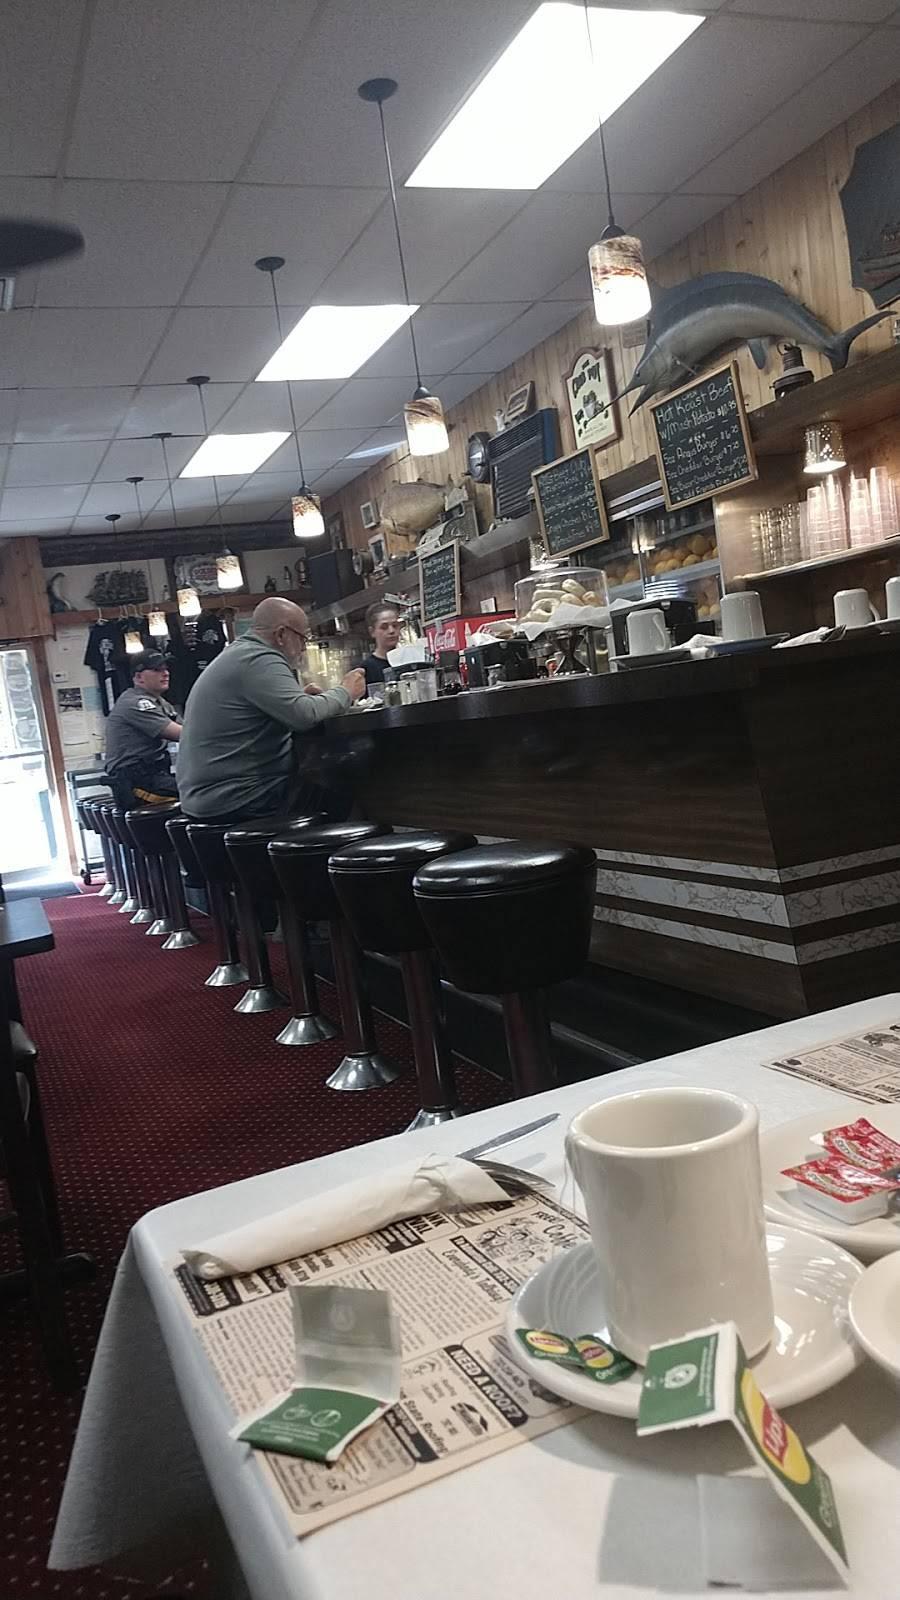 John & Elaines Restaurant   restaurant   1103 Richmond Ave, Point Pleasant Beach, NJ 08742, USA   7328990089 OR +1 732-899-0089